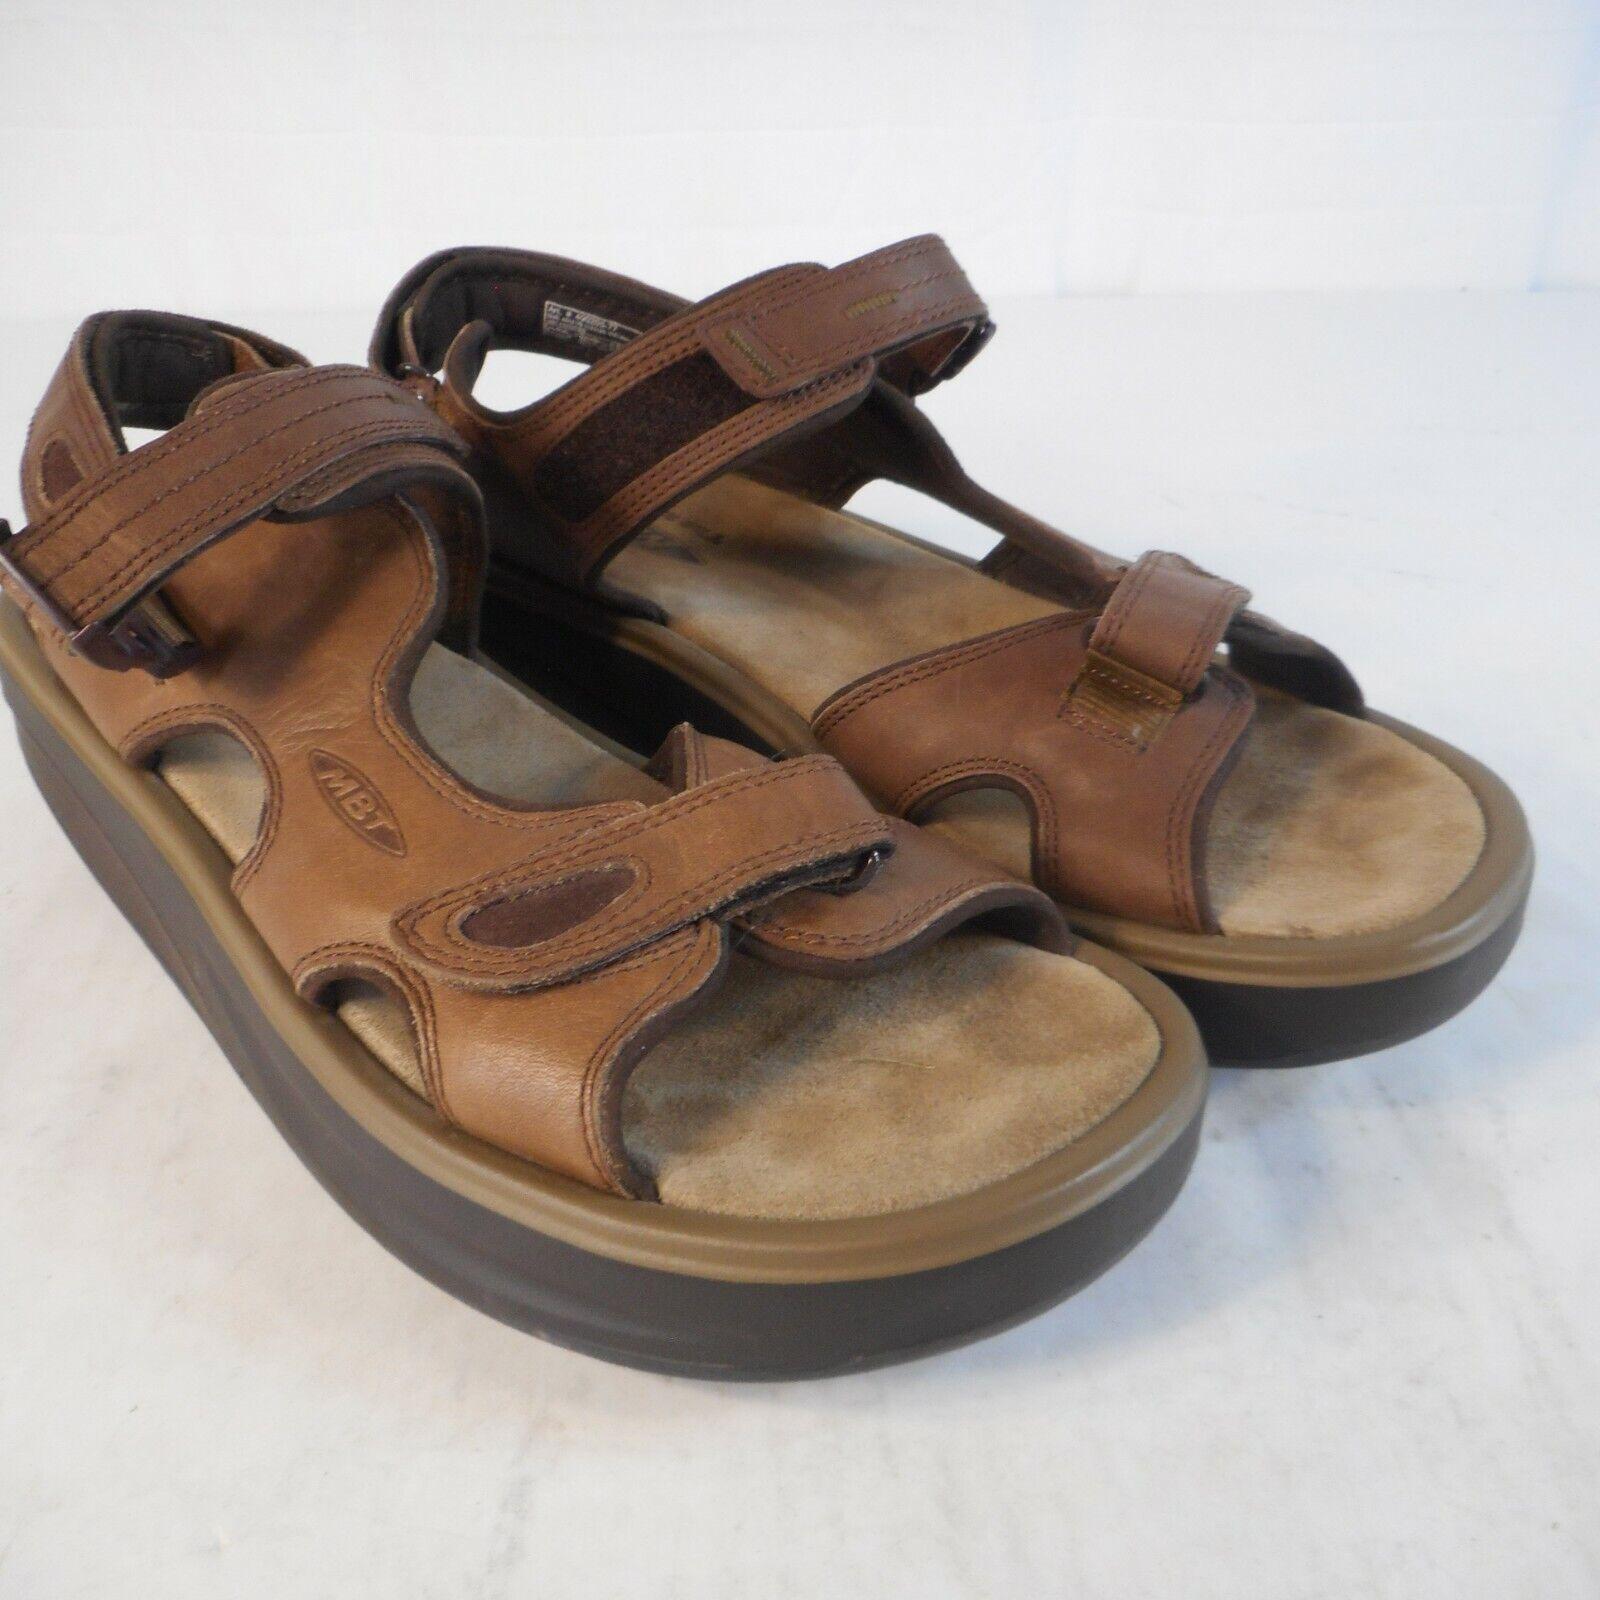 MBT Kisumu Sandals Men's Size 12 Brown Leather Sport Walking Rocker Sling Back